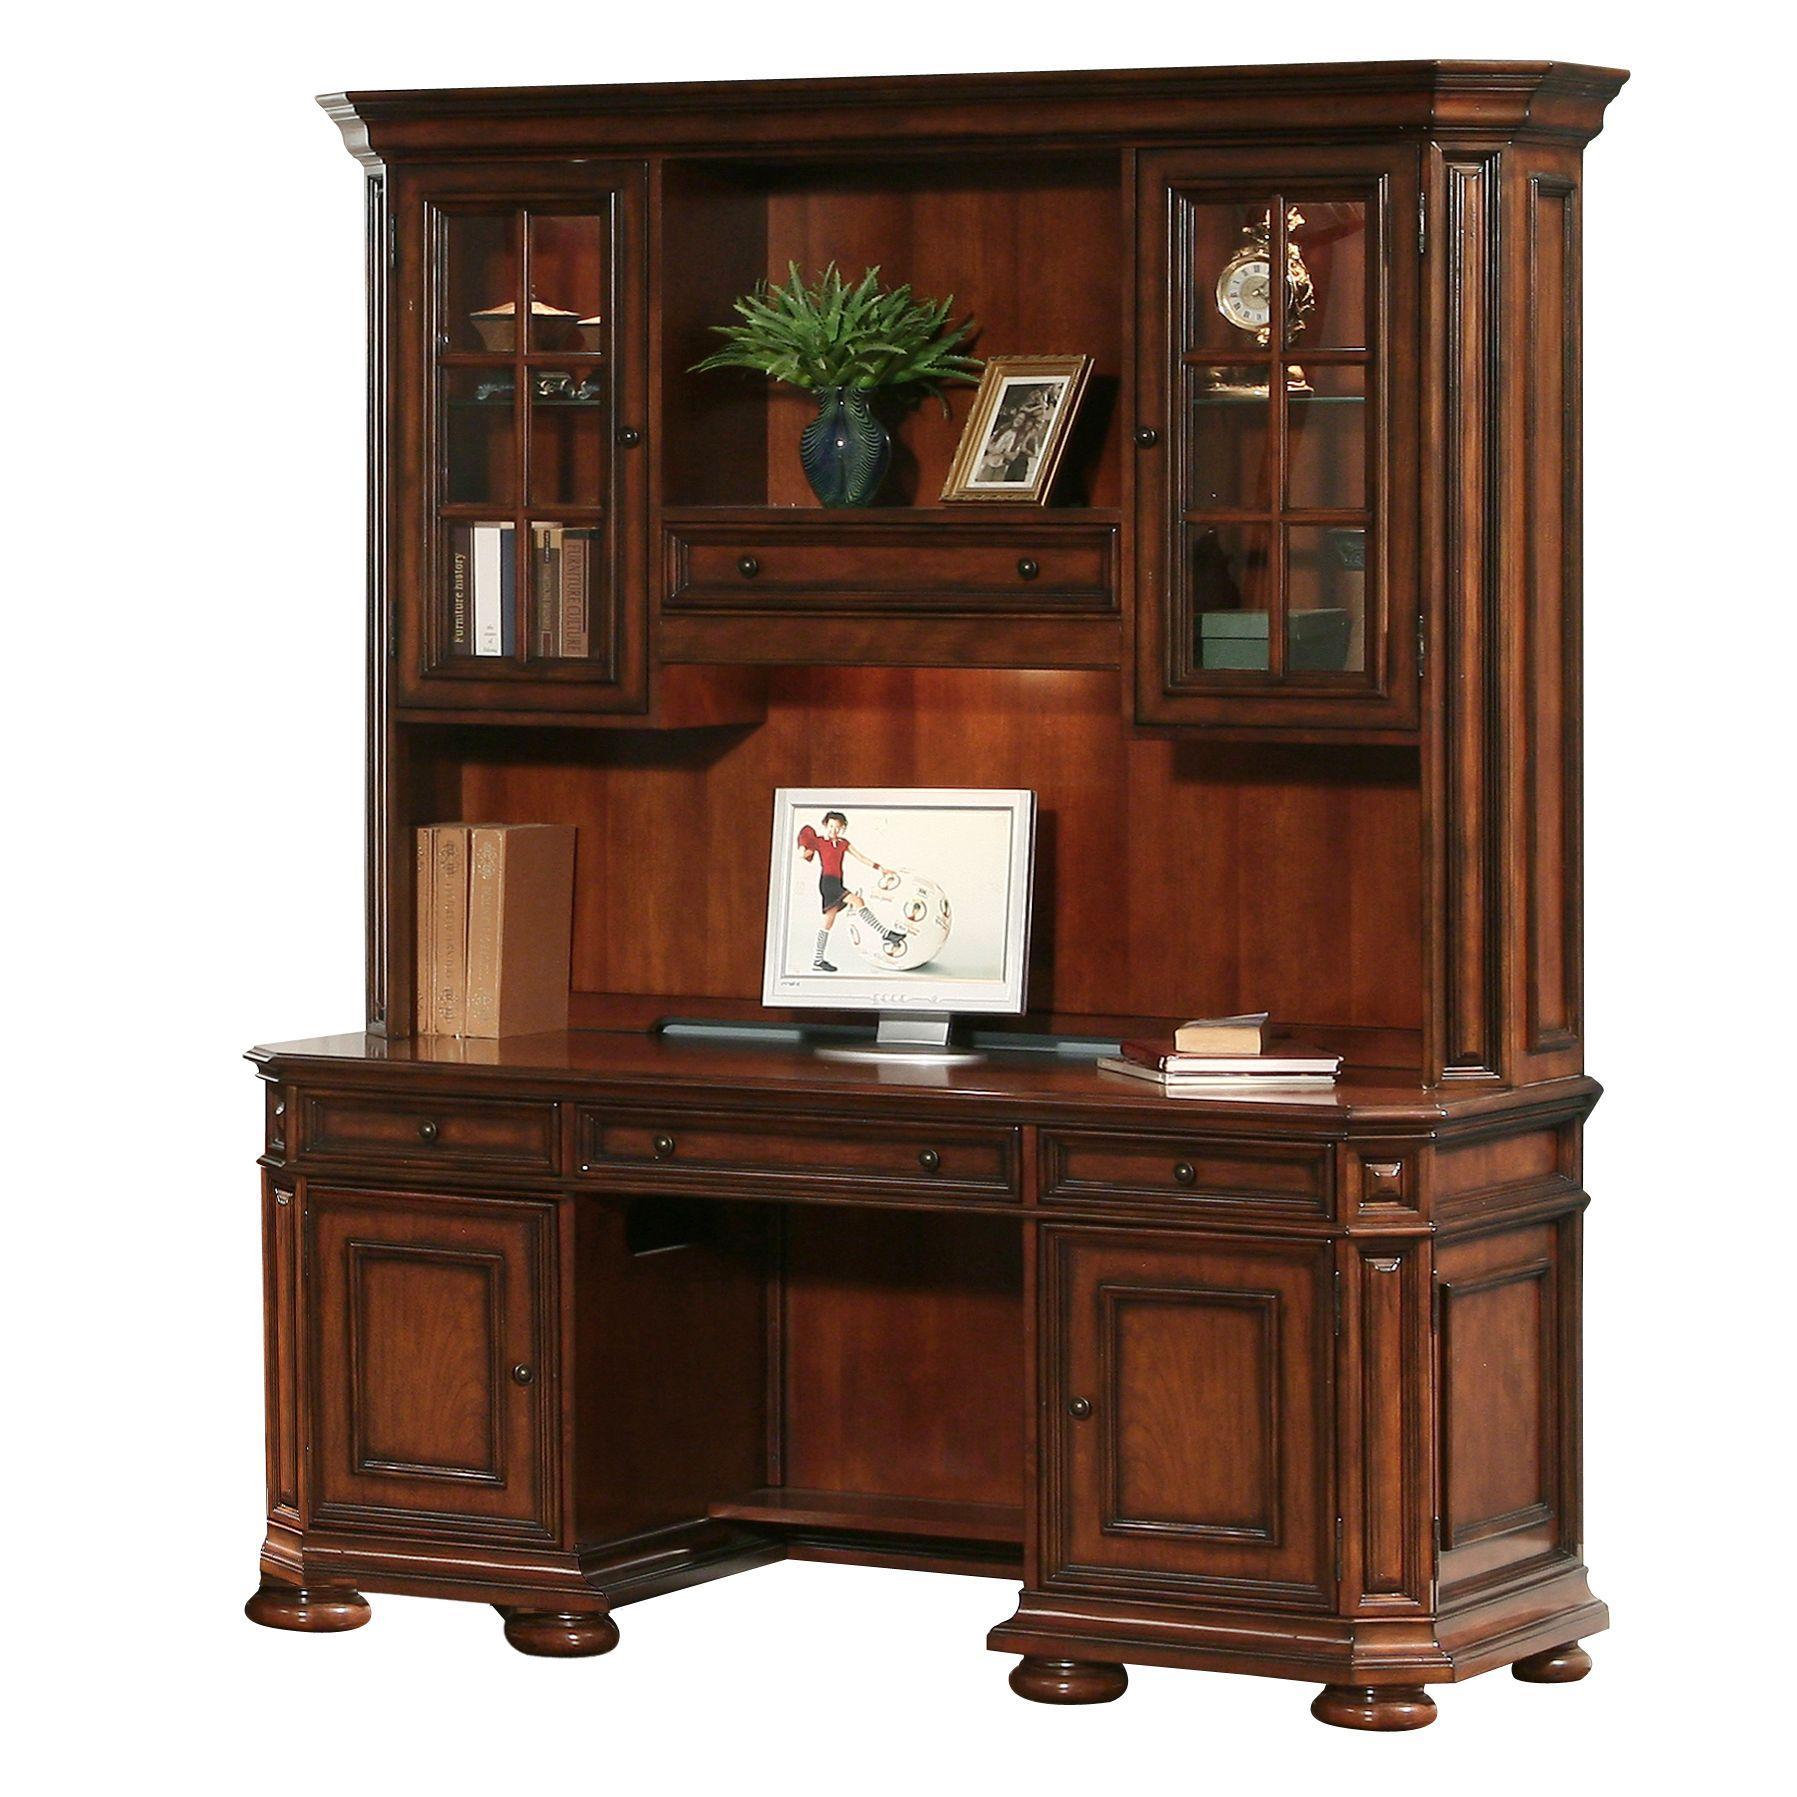 Riverside Furniture Cantata Computer Credenza & Hutch - Item Number: 4926+27